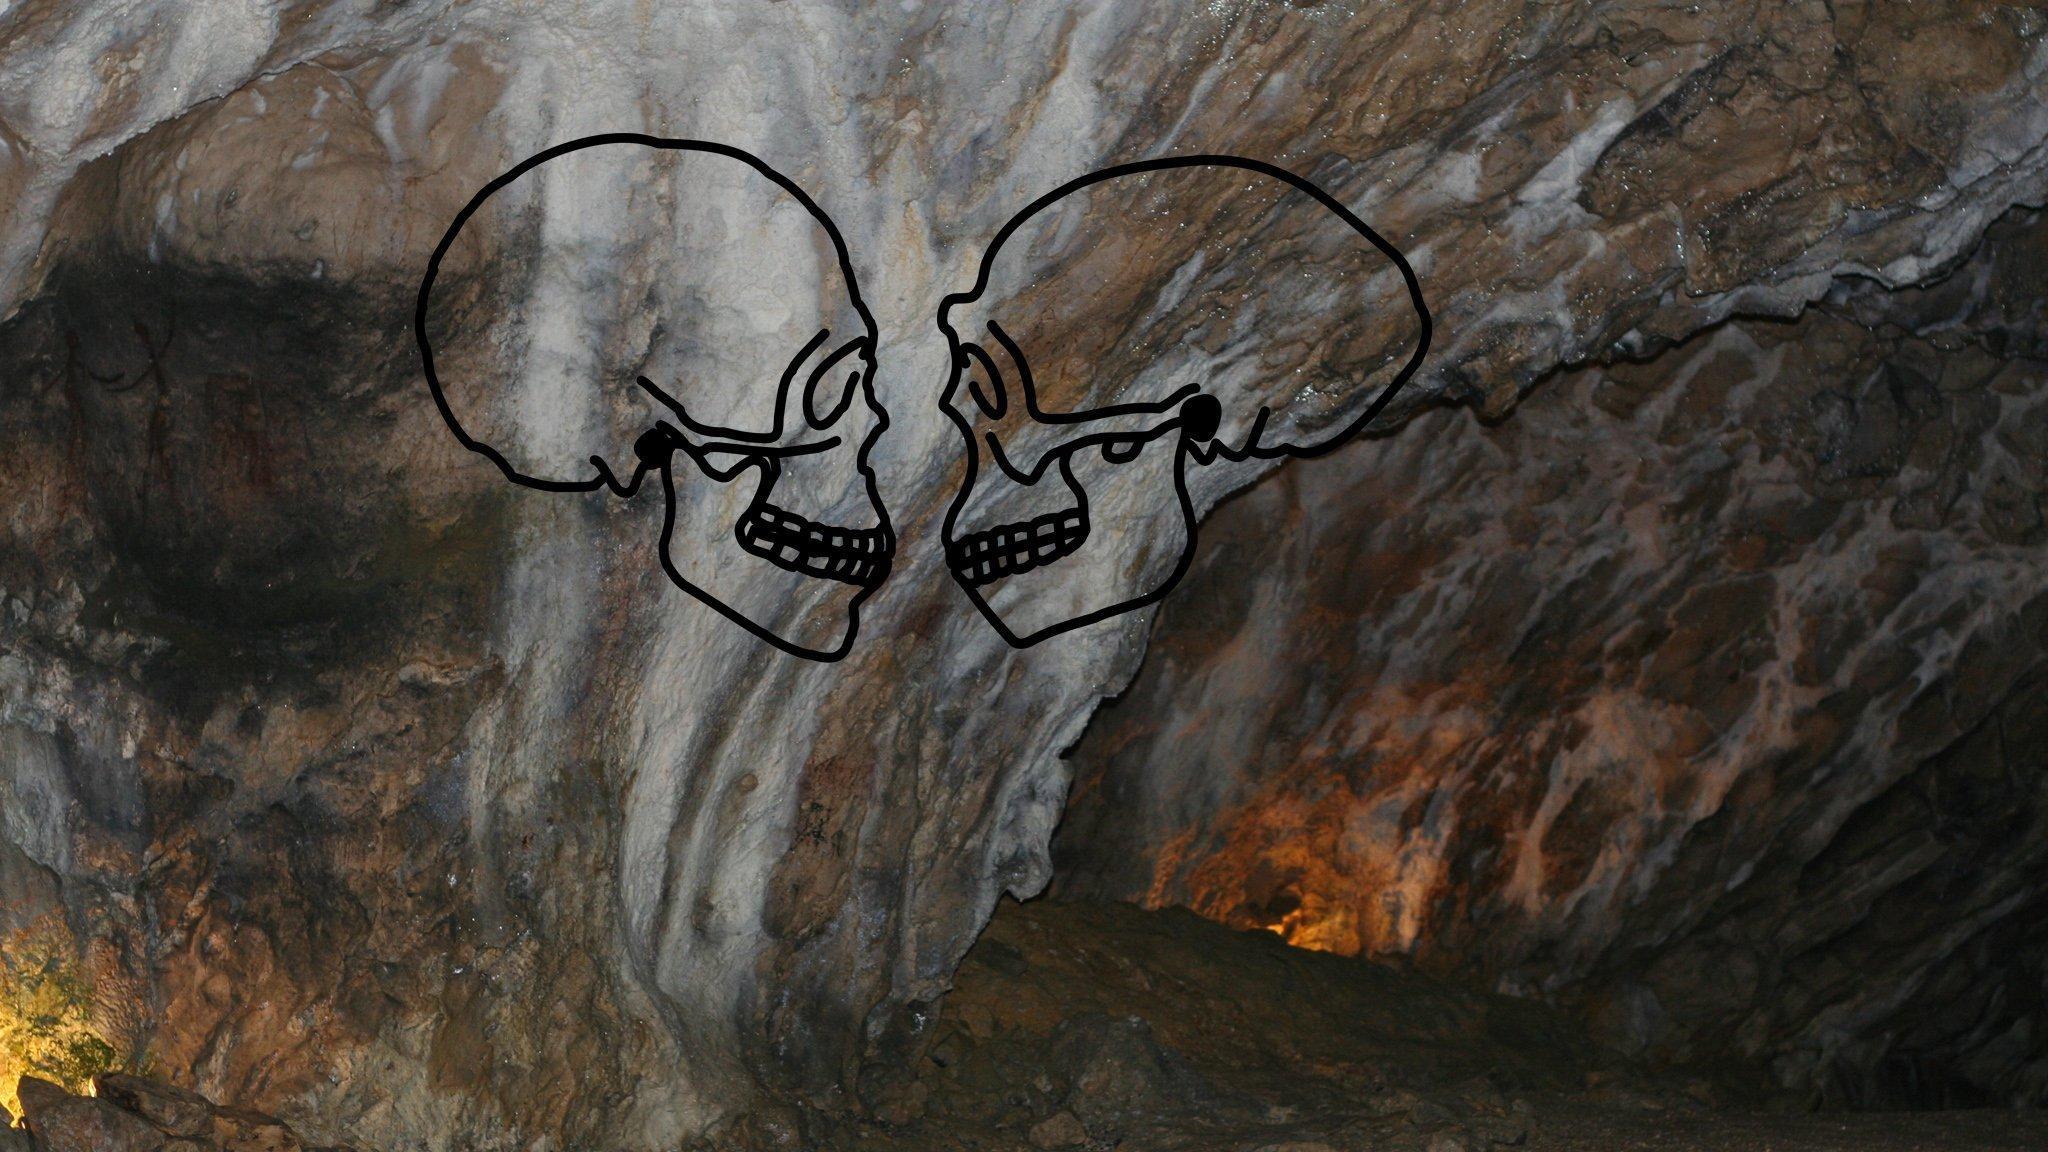 Blick auf die geheimnisvoll leuchtende Wand der Hohle Fels-Höhle in der Schwäbischen Alb. Hier fanden einst frühe Vertreter des Homo sapiens, aber auch andere Urmenschen ein Zuhause. Auf die Felswand projiziert sind die Schädelumrisse eines Homo sapiens und eines Homo erectus, die sich gegenseitig anschauen.